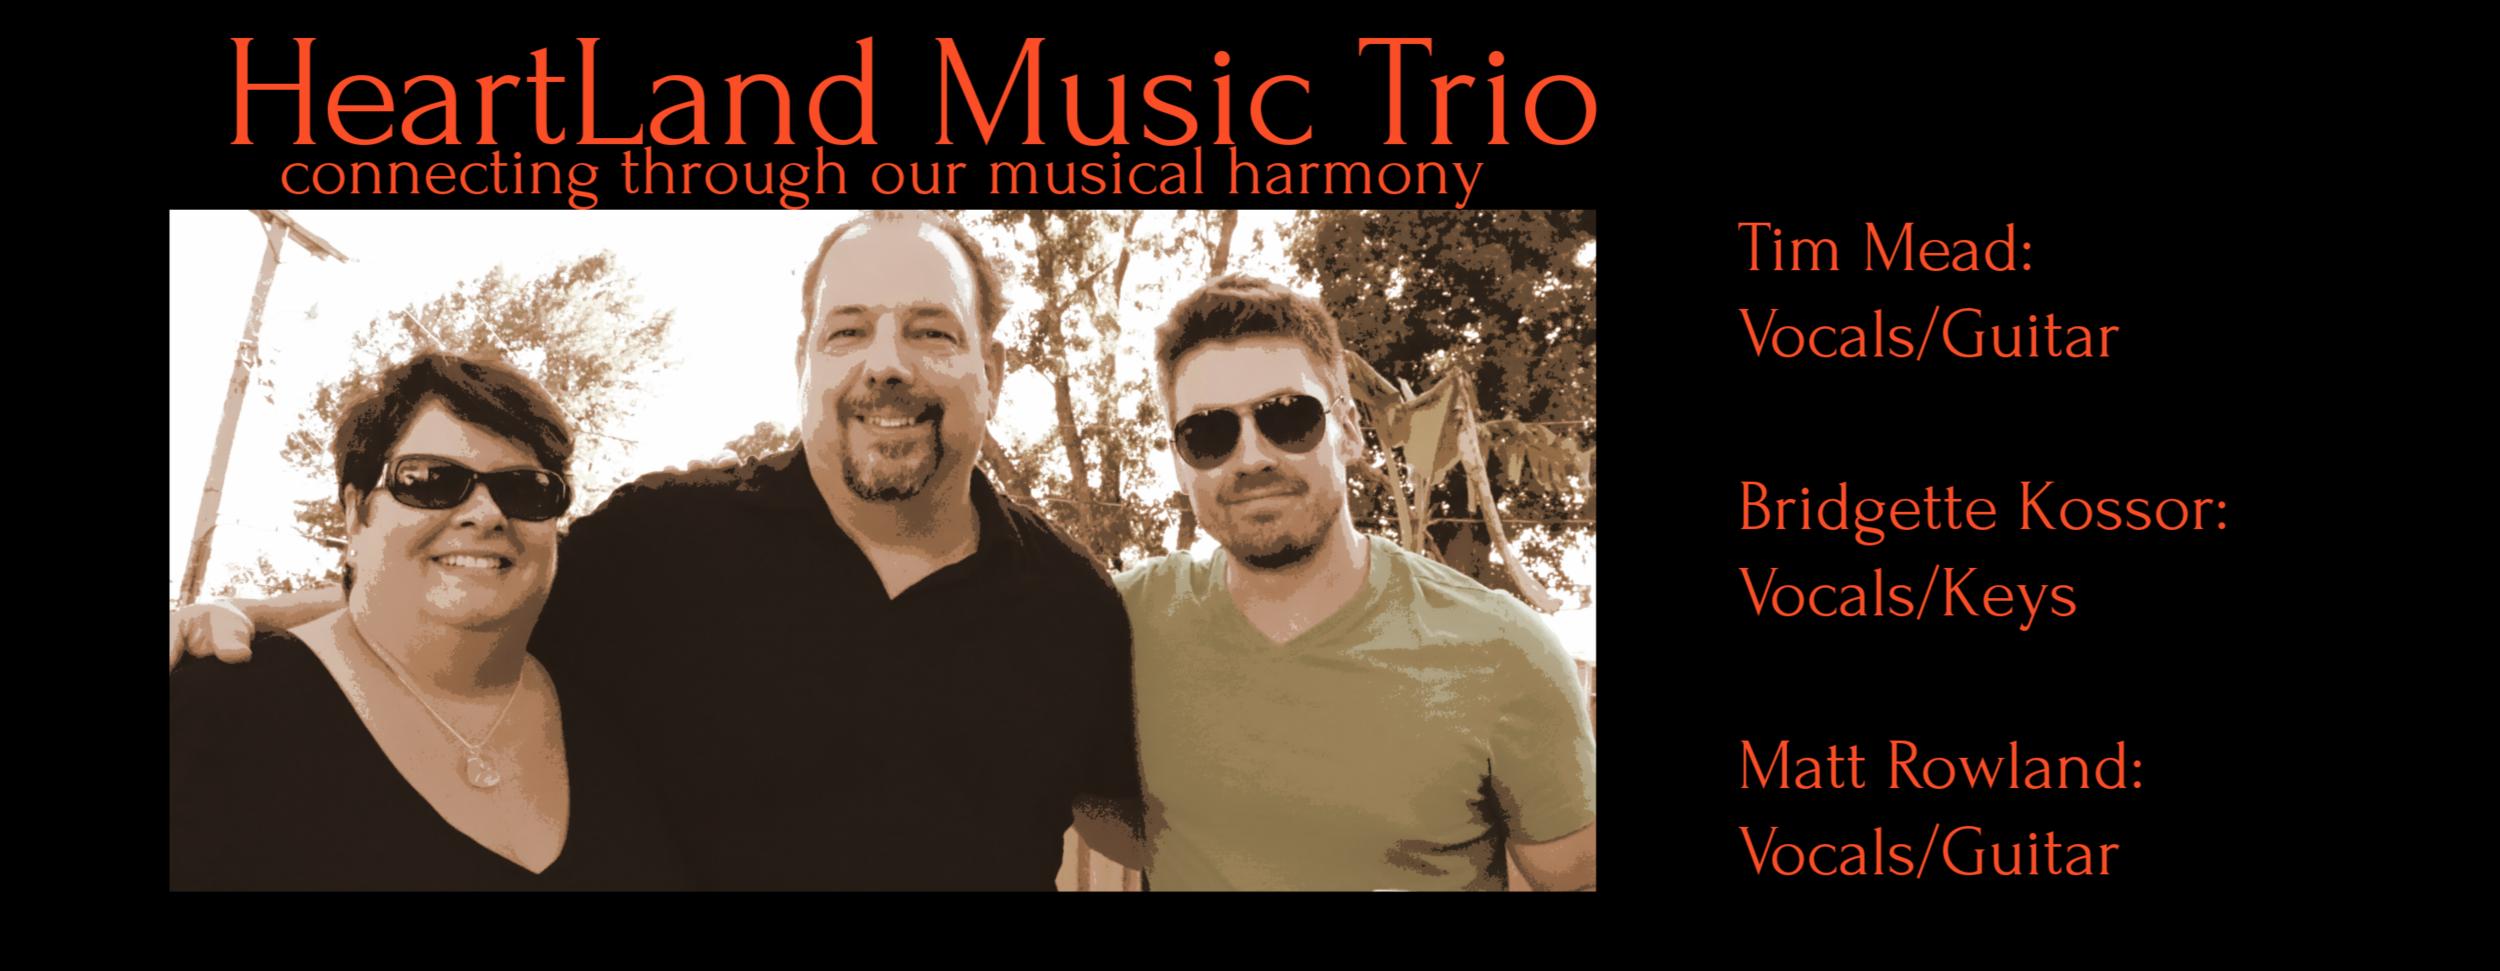 HeartLand Music trio E&E.png